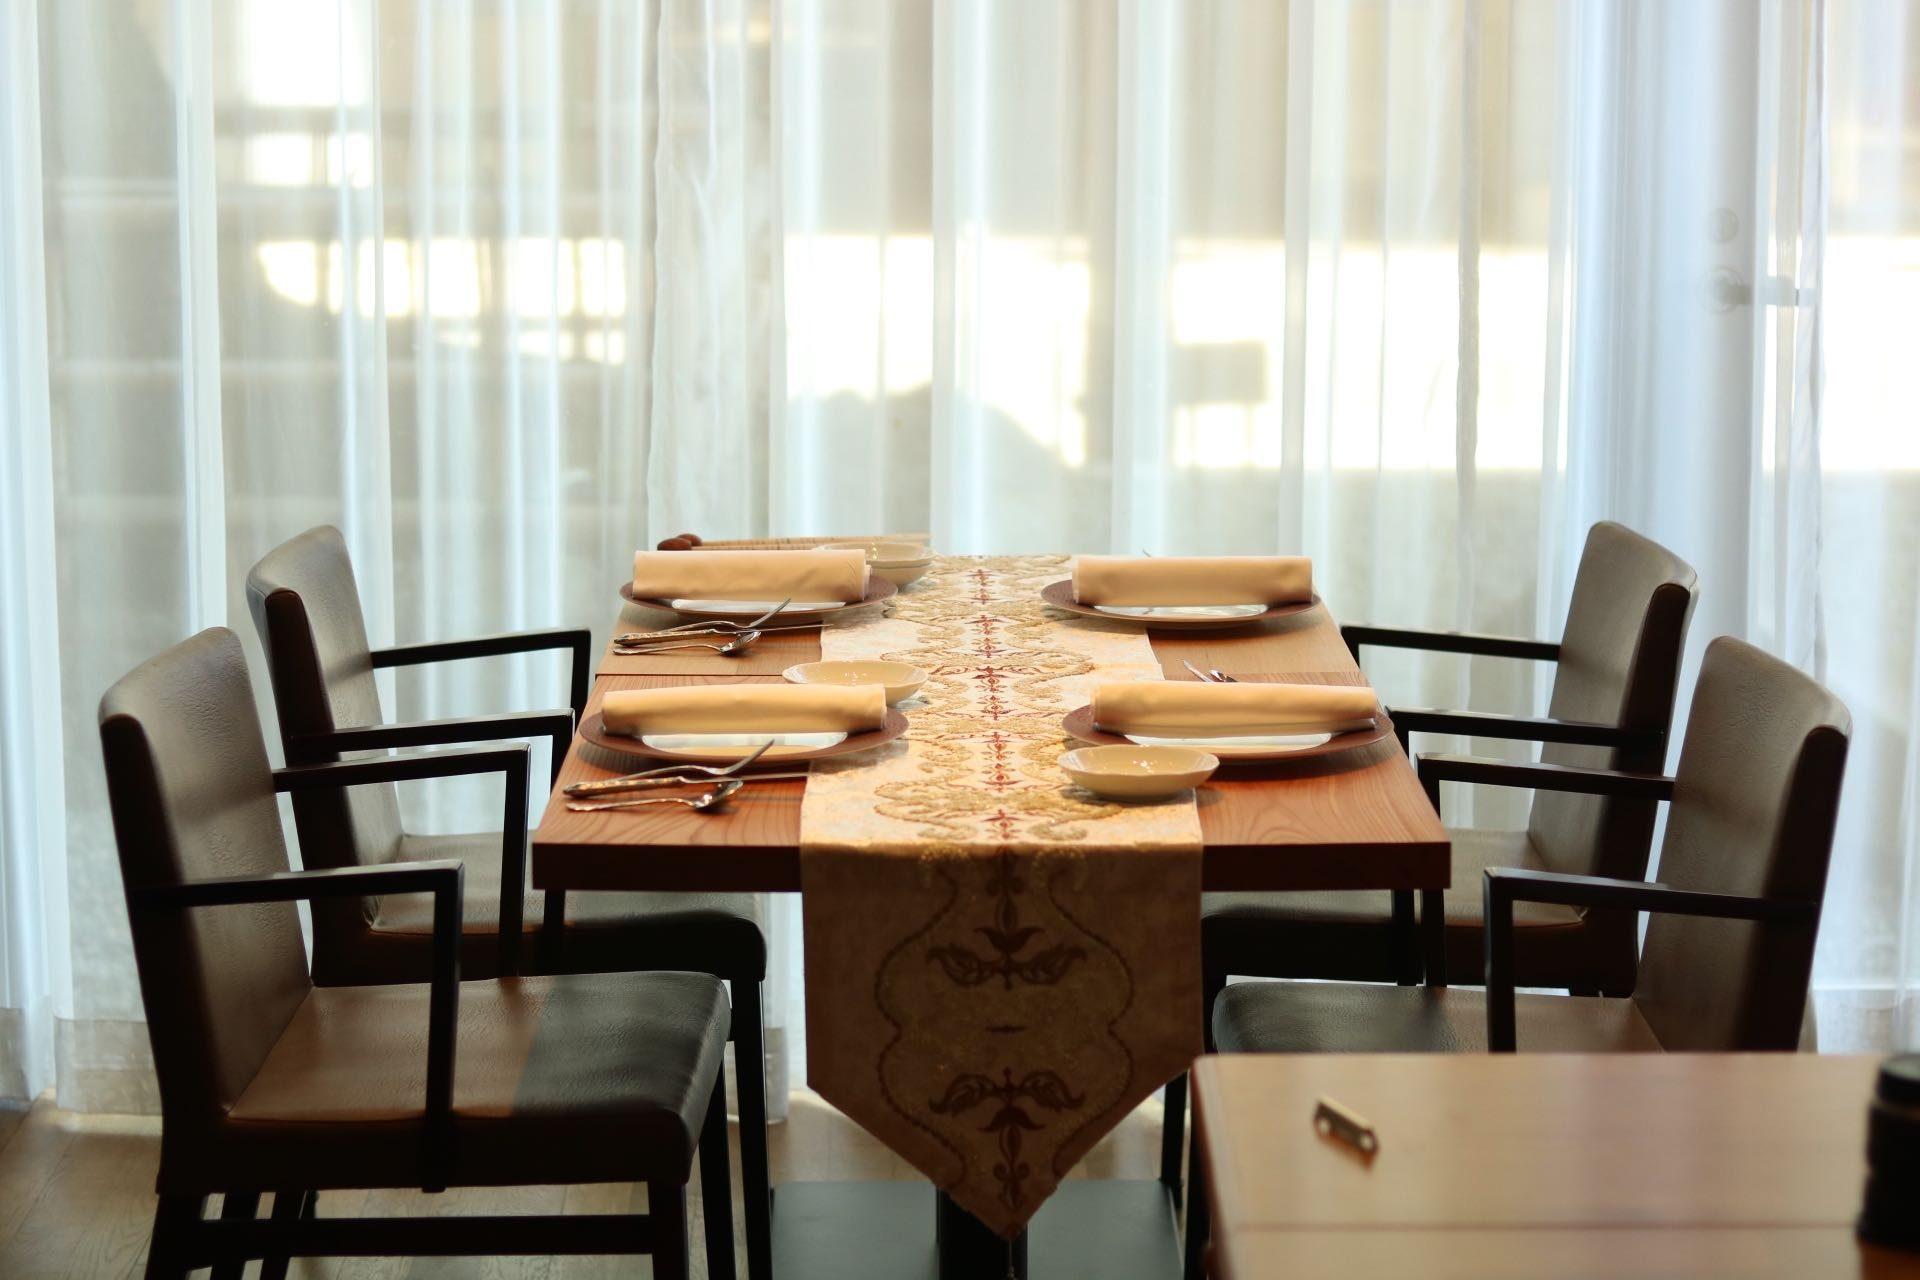 異なる材のテーブルを配置することで木の素材感が引き立ちます